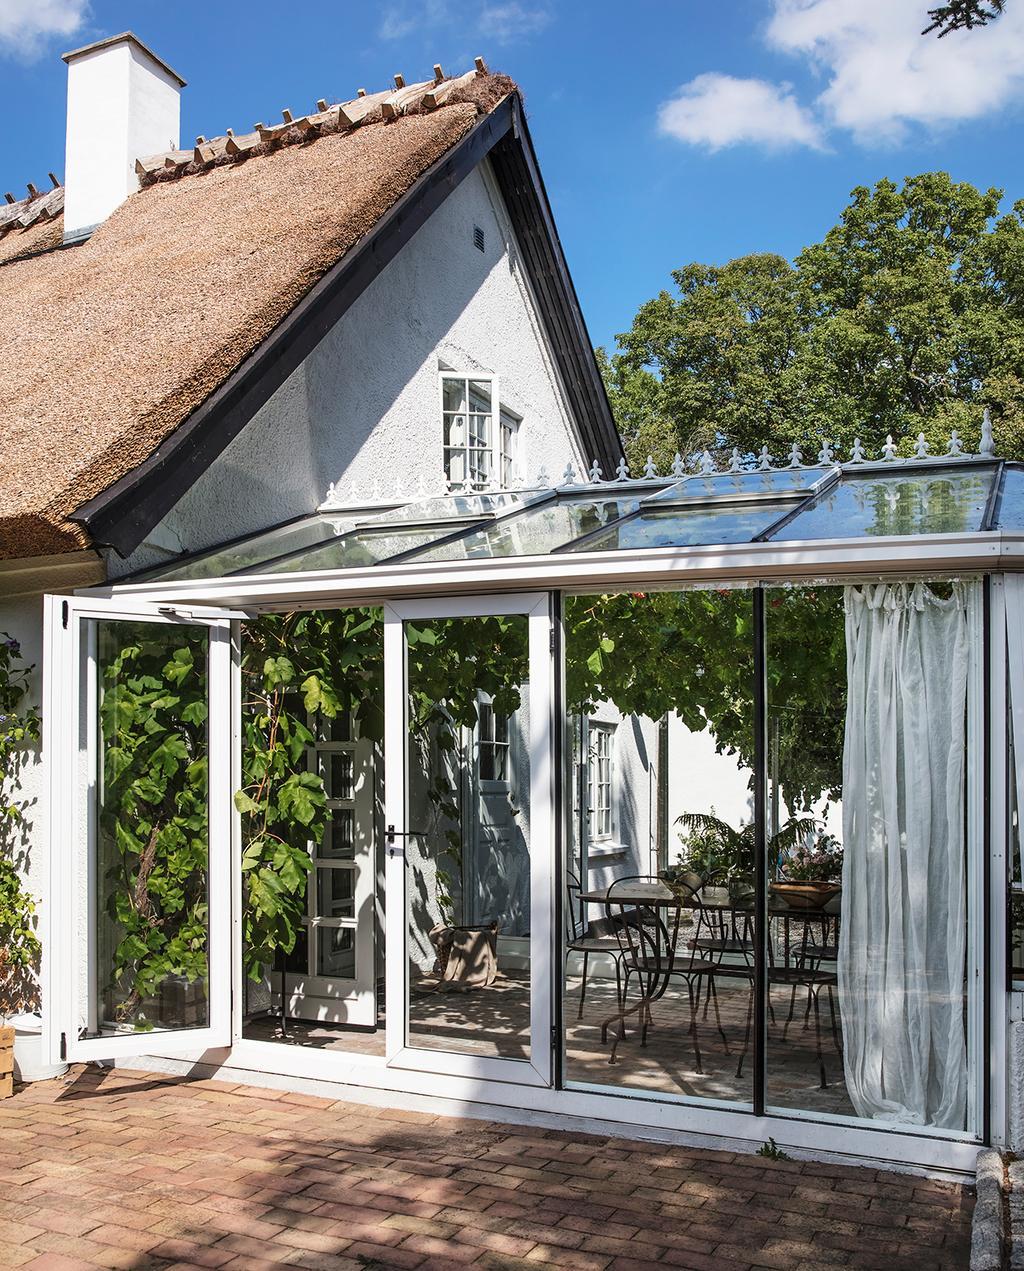 vtwonen tuin speciaal 1-2020 | buitenaanzicht met glazen serre